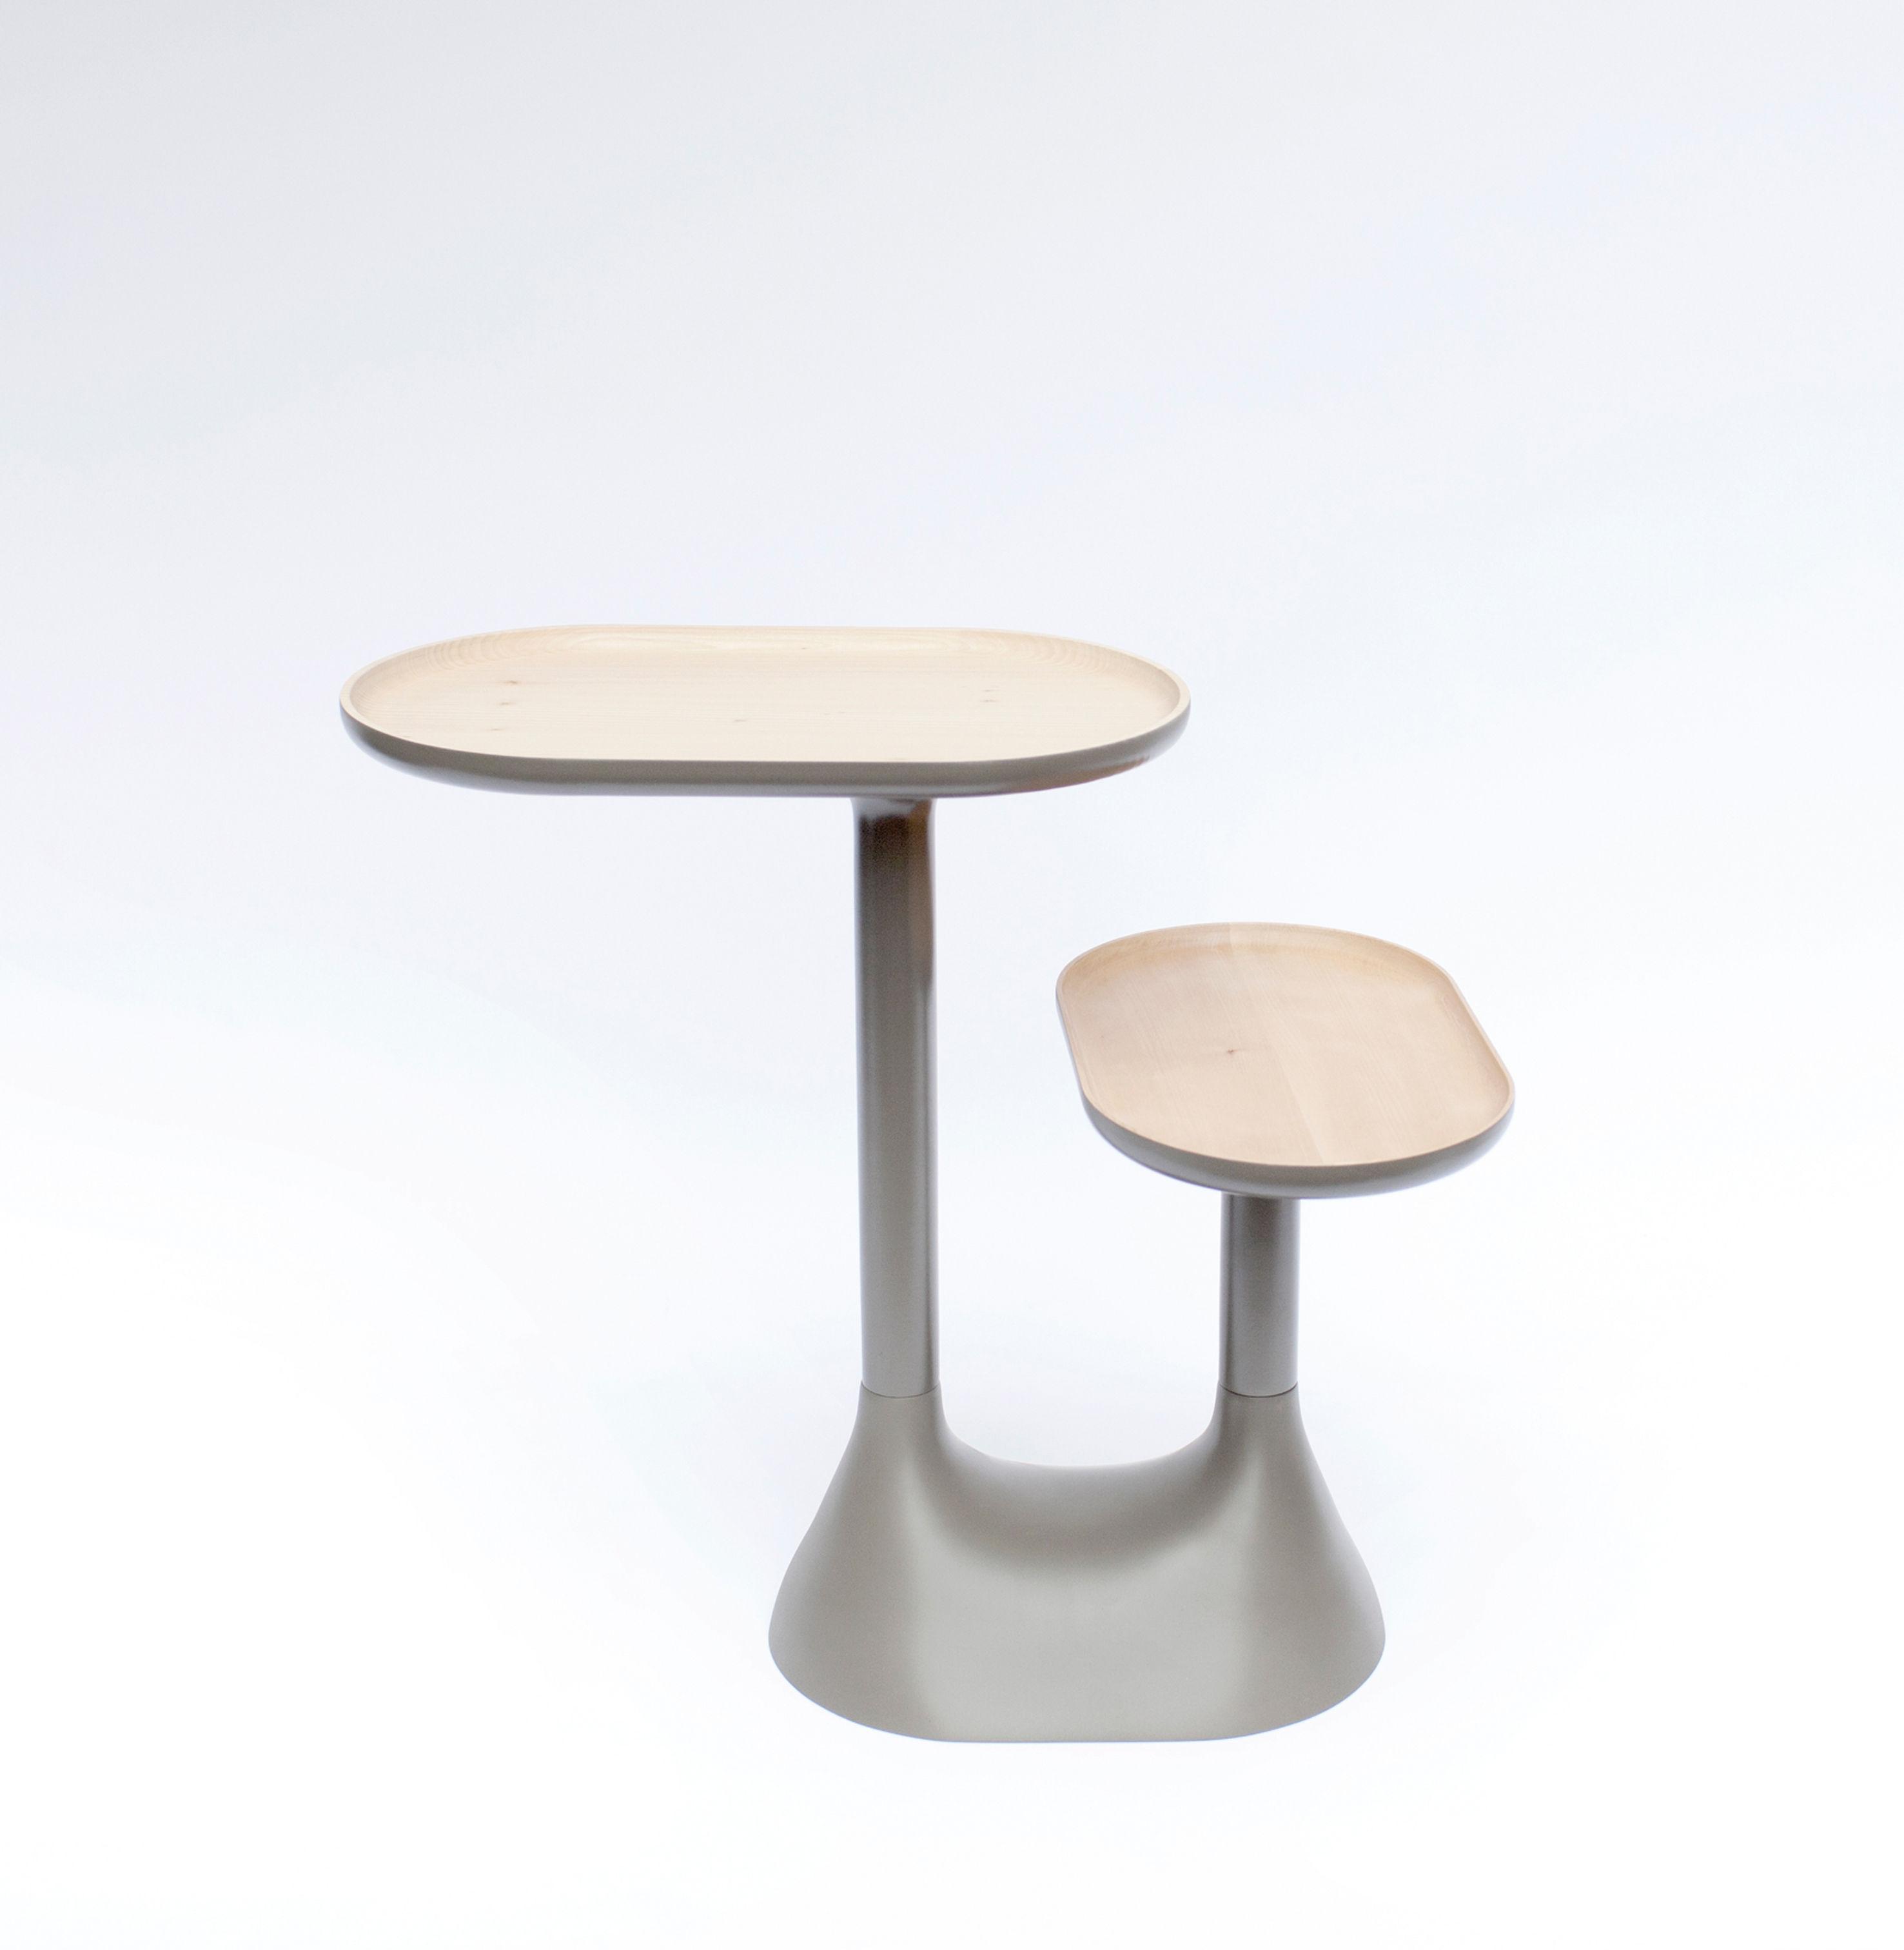 table basse baobab 2 plateaux pivotants gris moustache. Black Bedroom Furniture Sets. Home Design Ideas